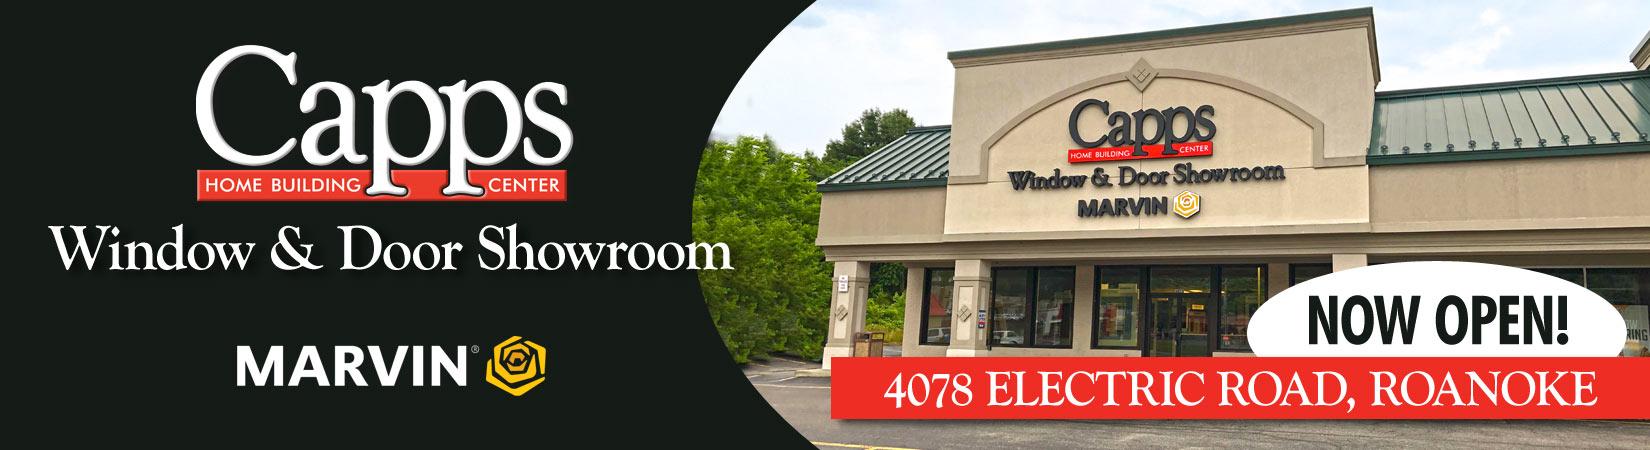 Roanoke Showroom image